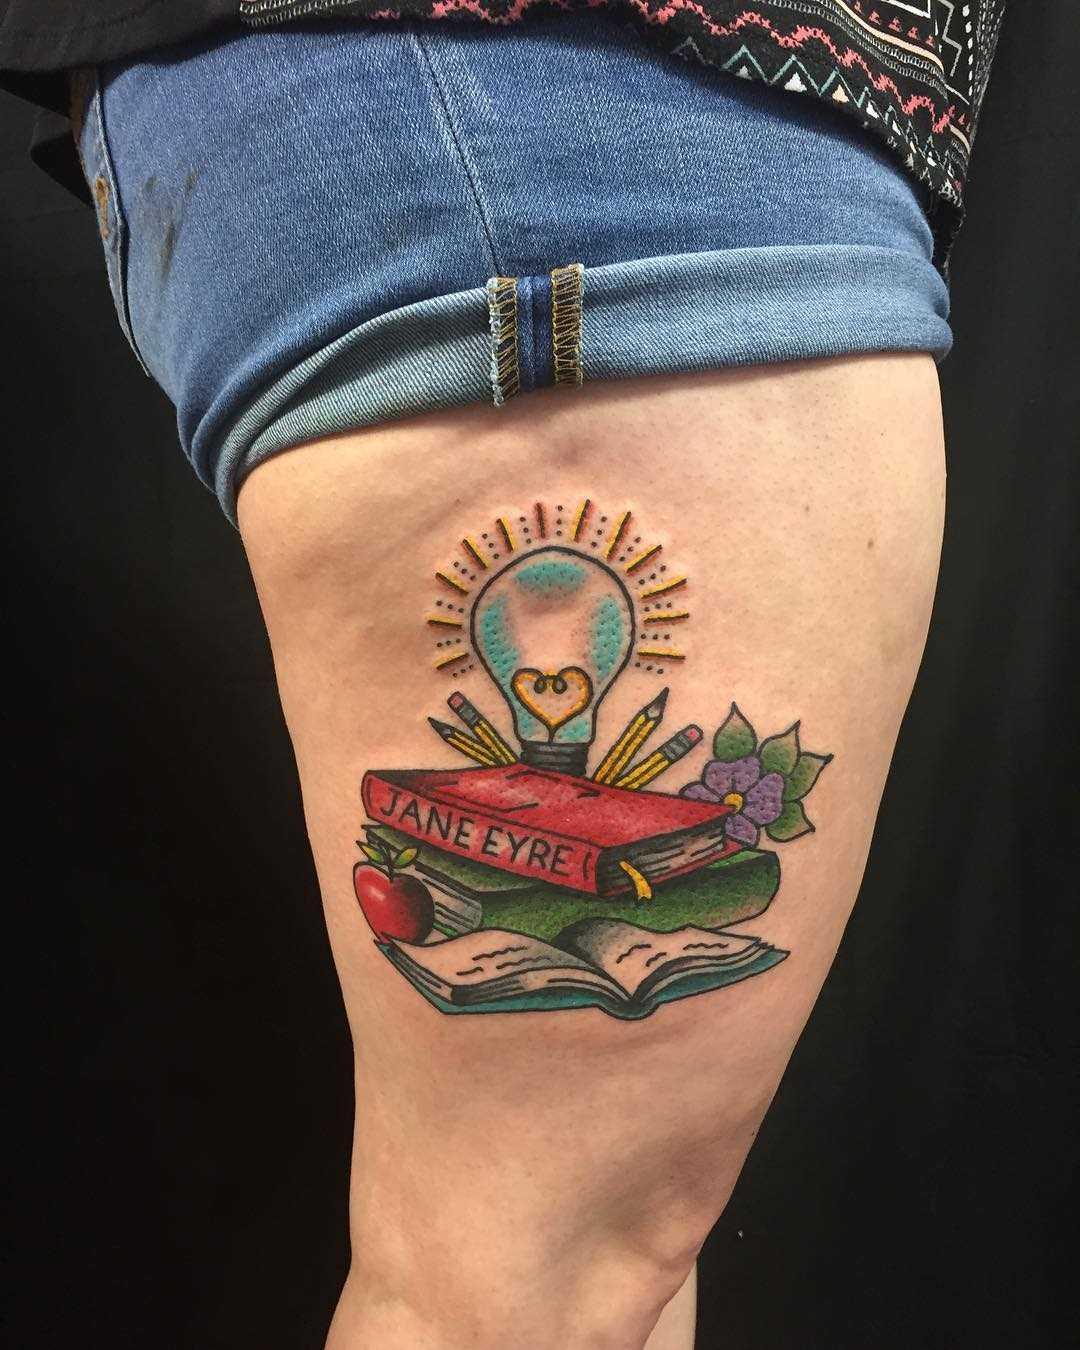 Tatuagem de livros com uma lâmpada no quadril da menina